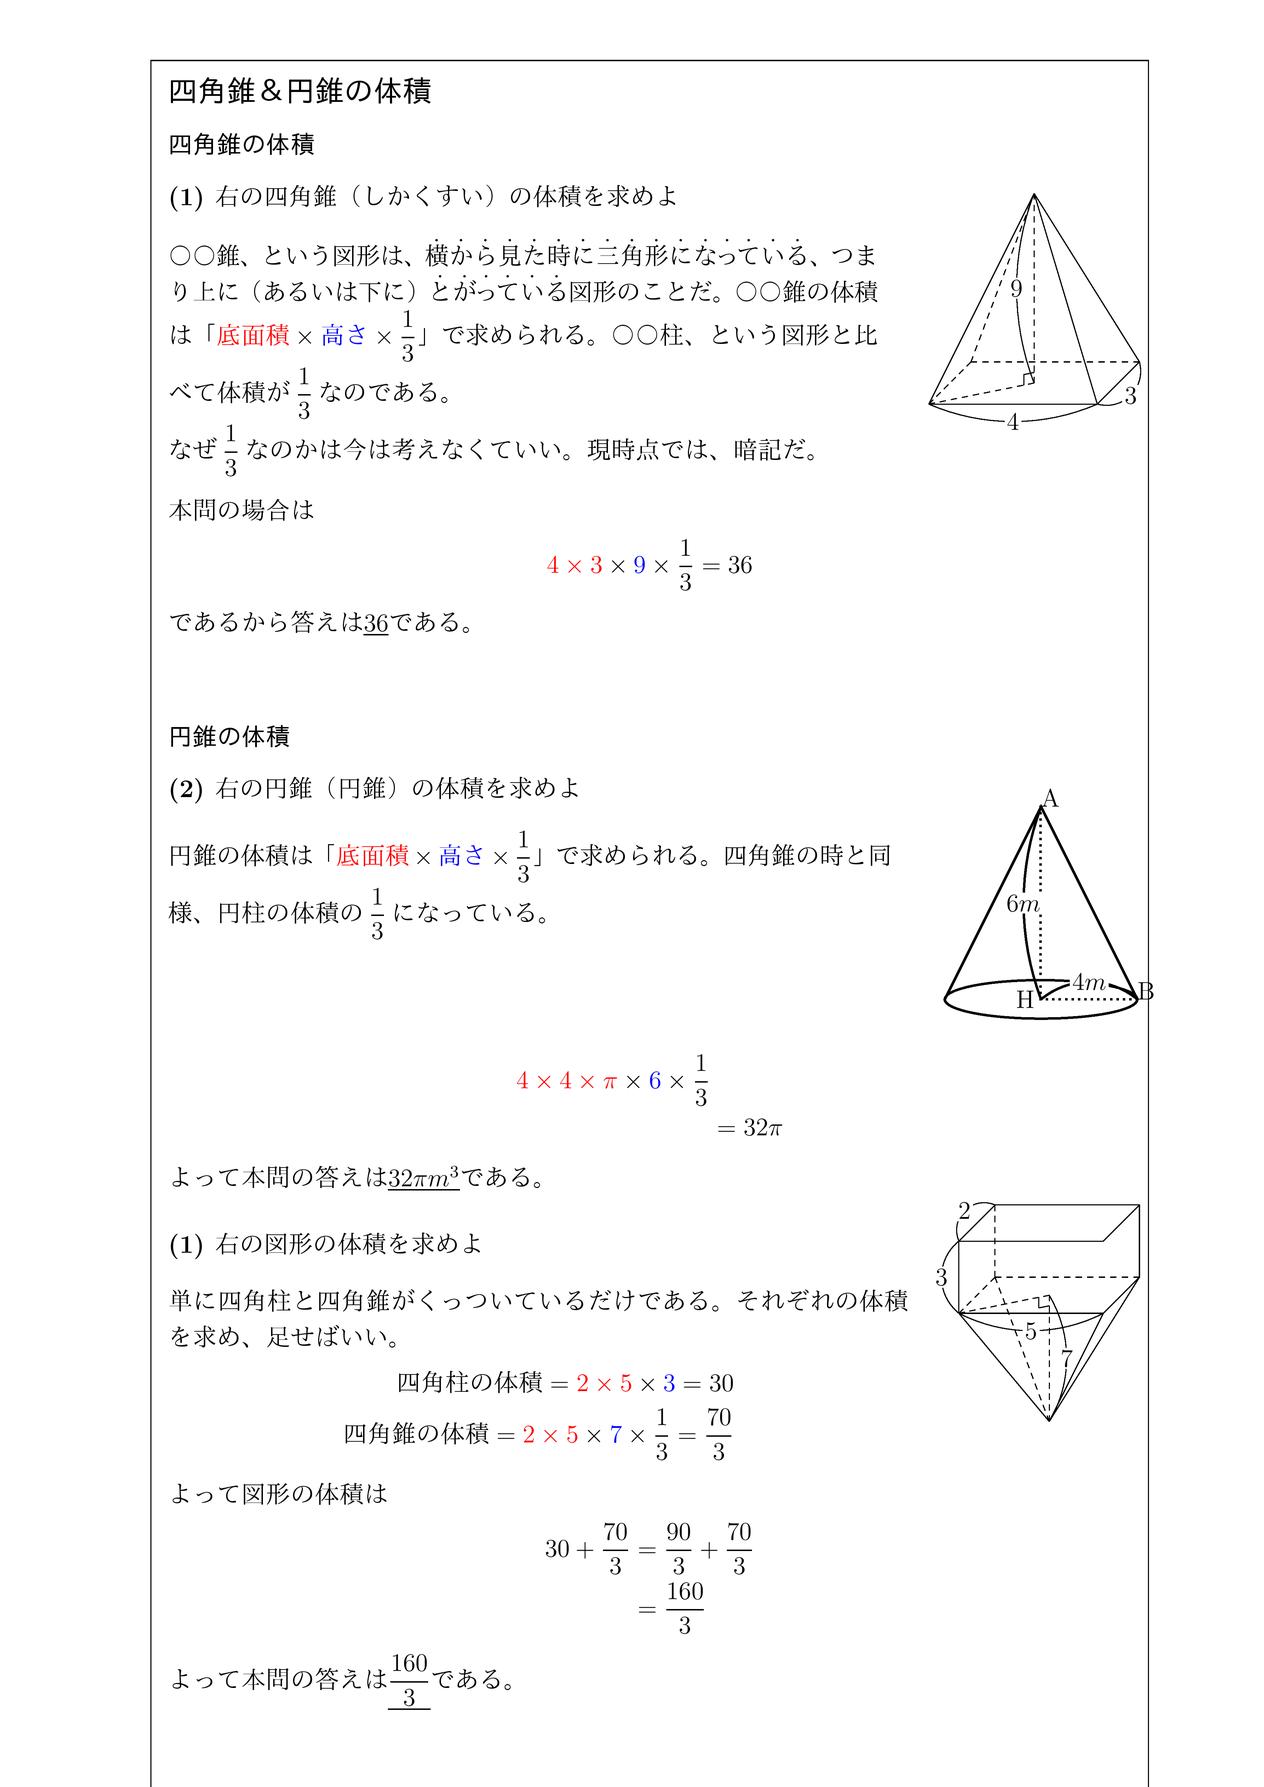 四角錐・円錐の体積